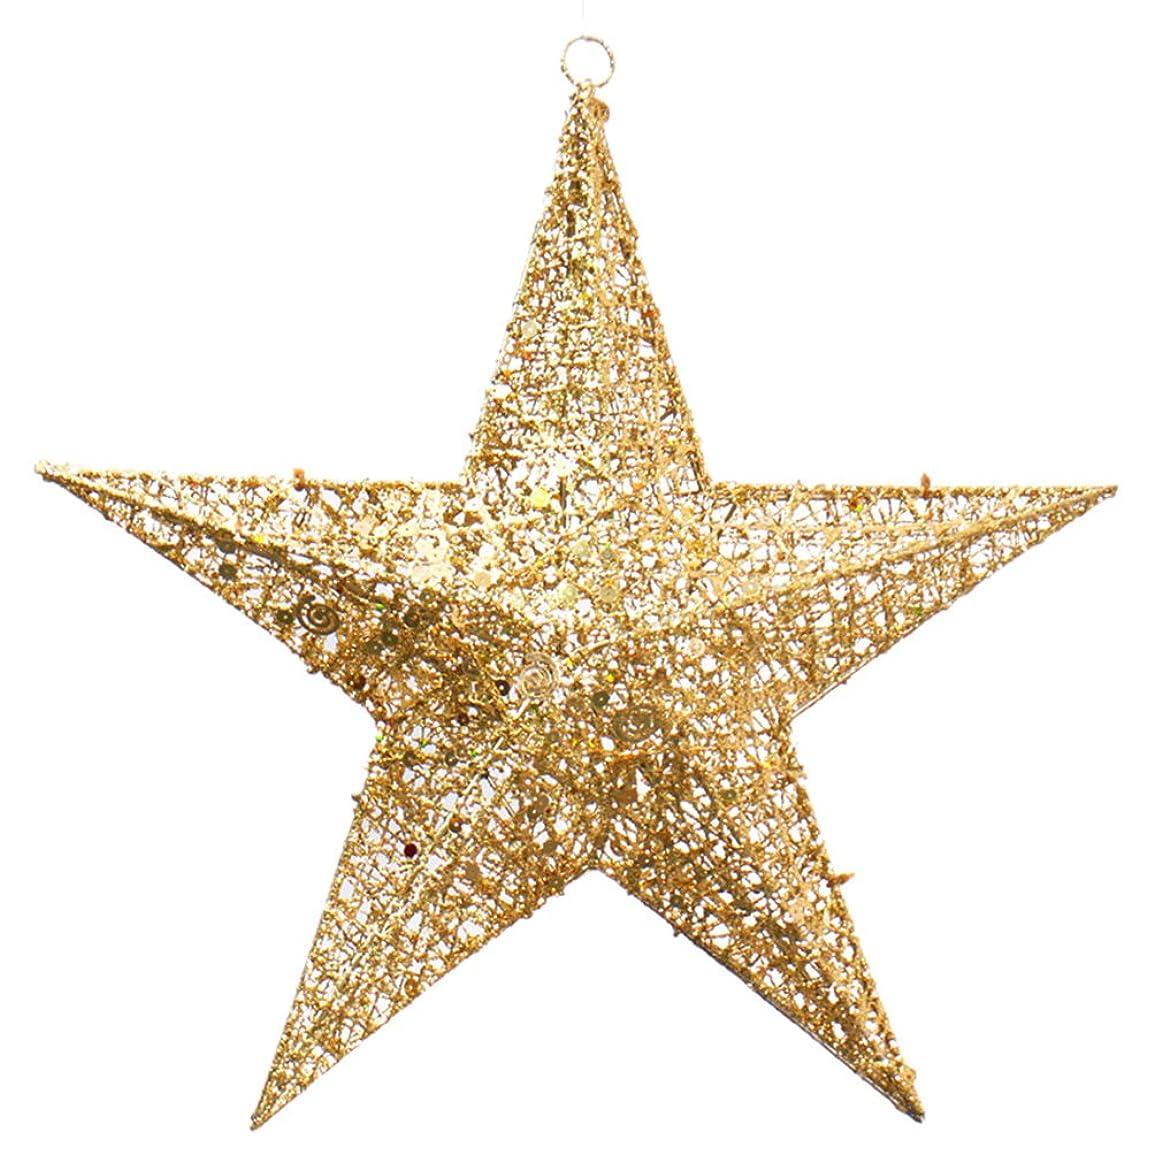 メーター乳白光の(ラボーグ)La vogue クリスマス 飾り オーナメント 吊り下げ 立体星型 スター クリスマスツリー パーティー 結婚式 イベント 飾り付け 装飾用 ゴールド 20cm